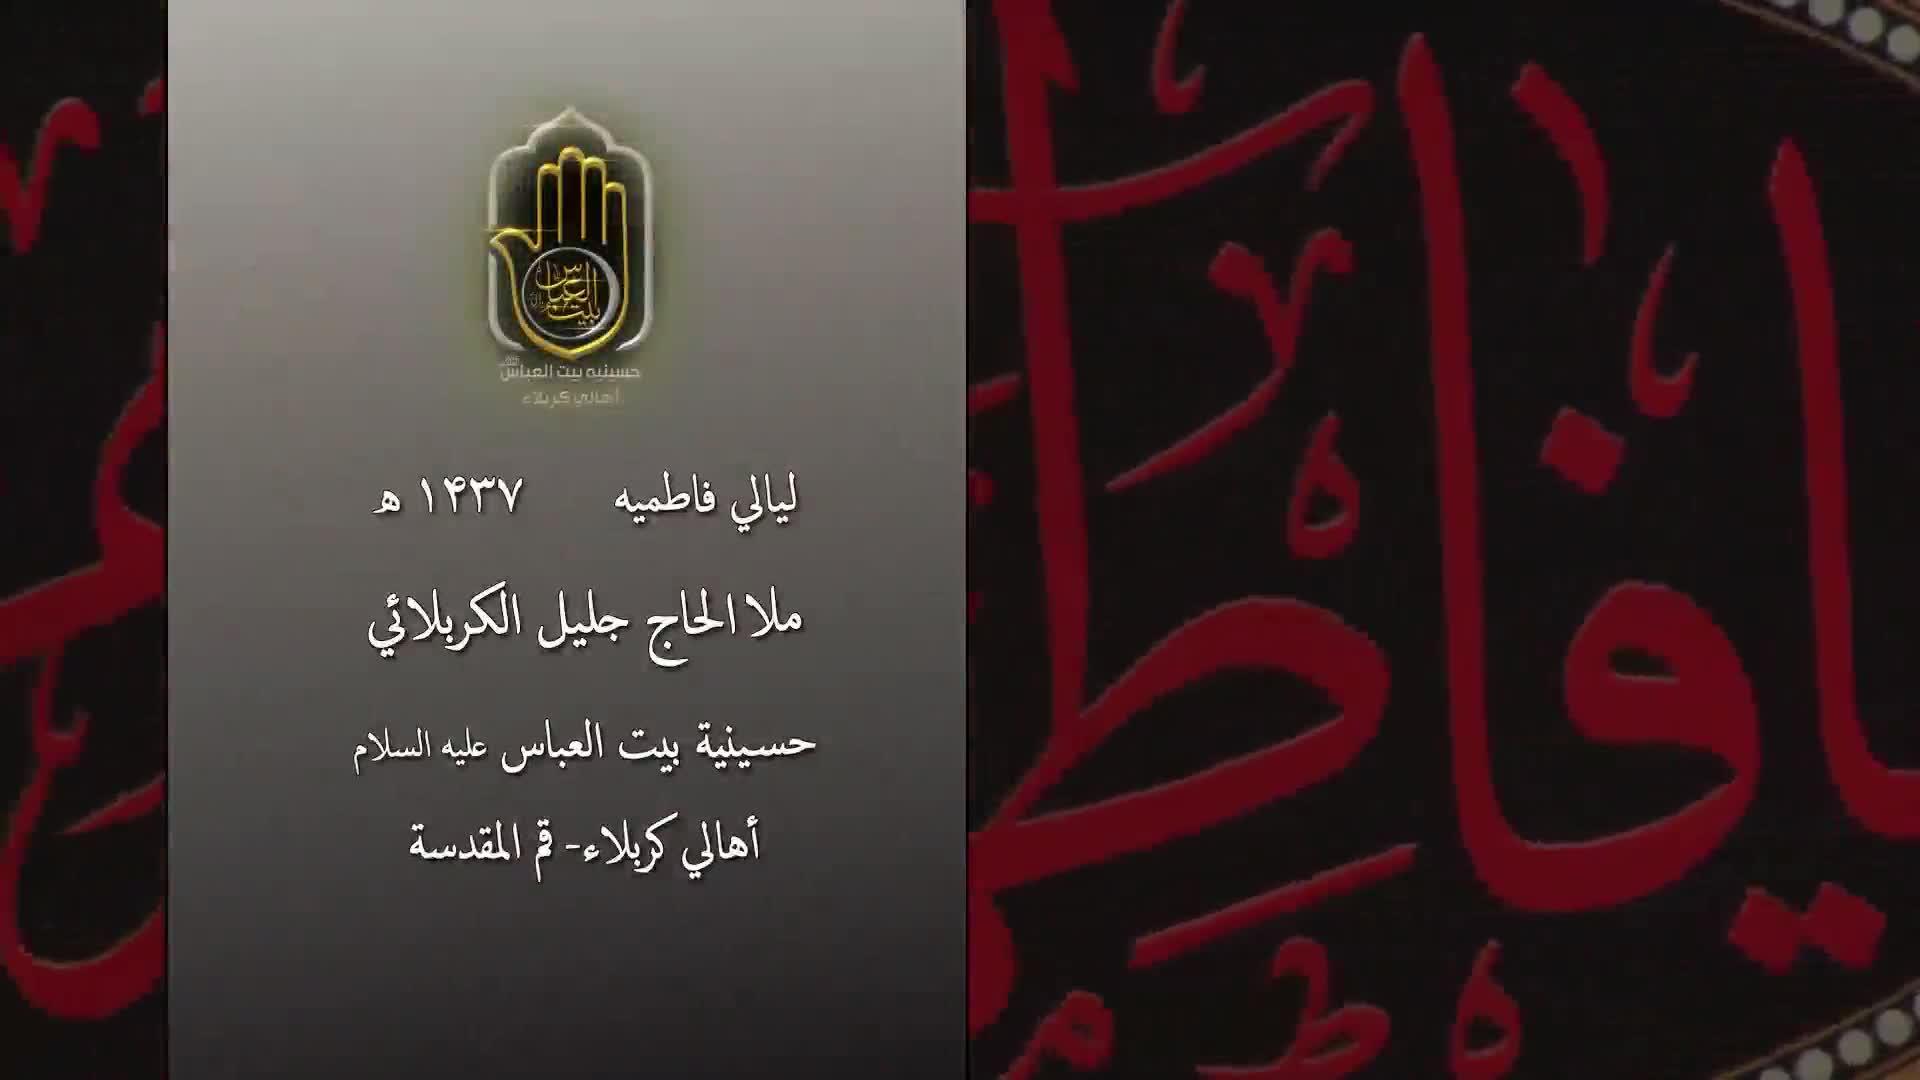 شهادة فاطمة الزهراء (عليها السلام) 1437 - 2 (قصيده